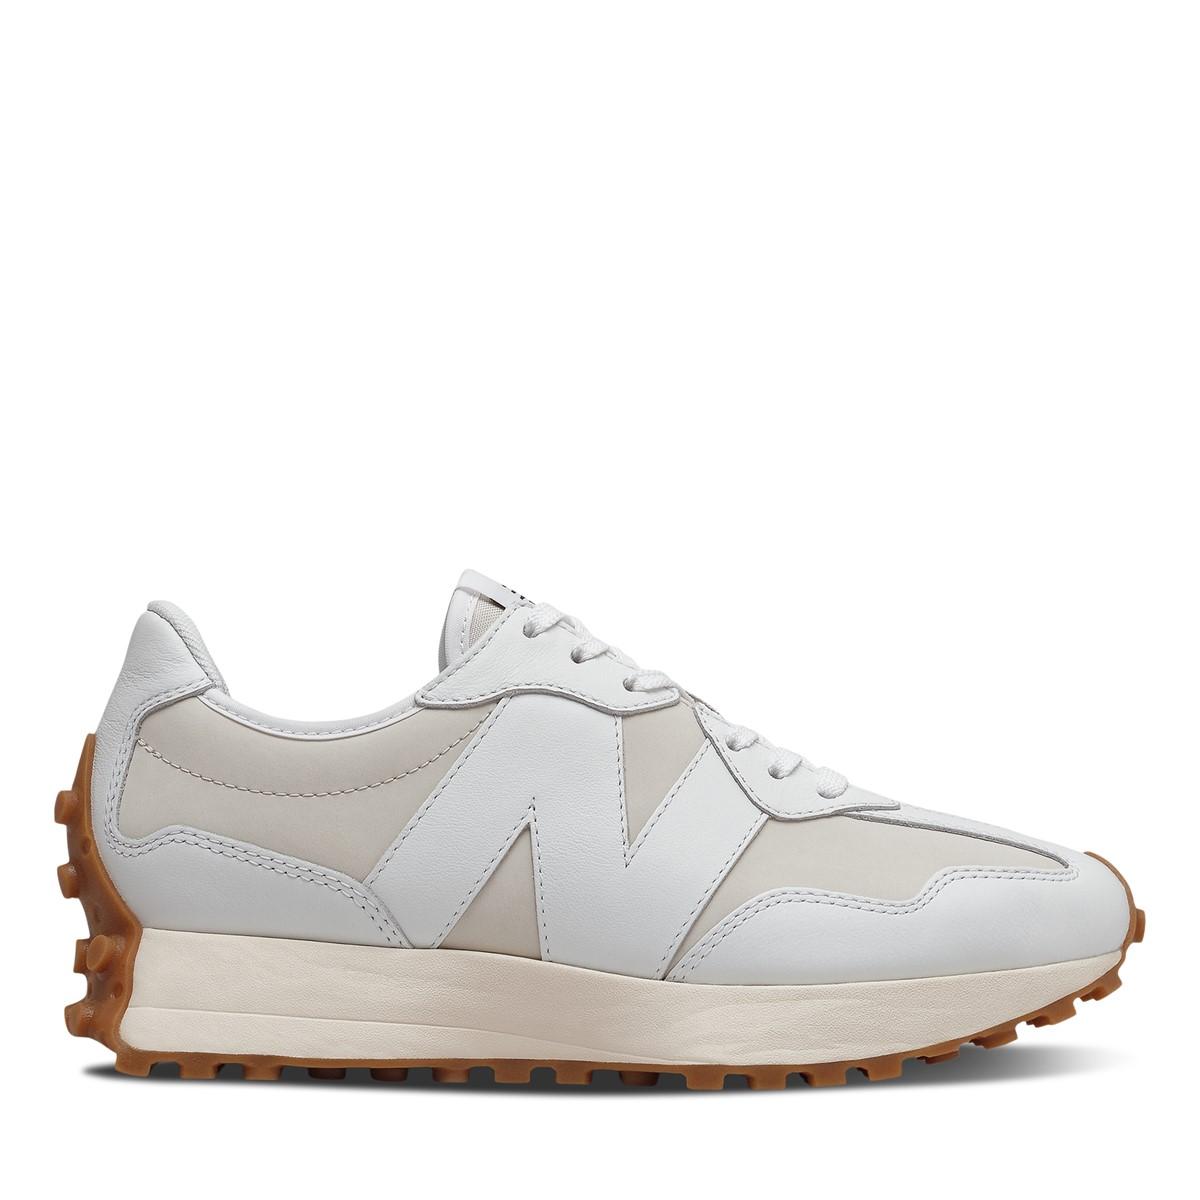 Women's 327 Sneakers in Light Beige/White